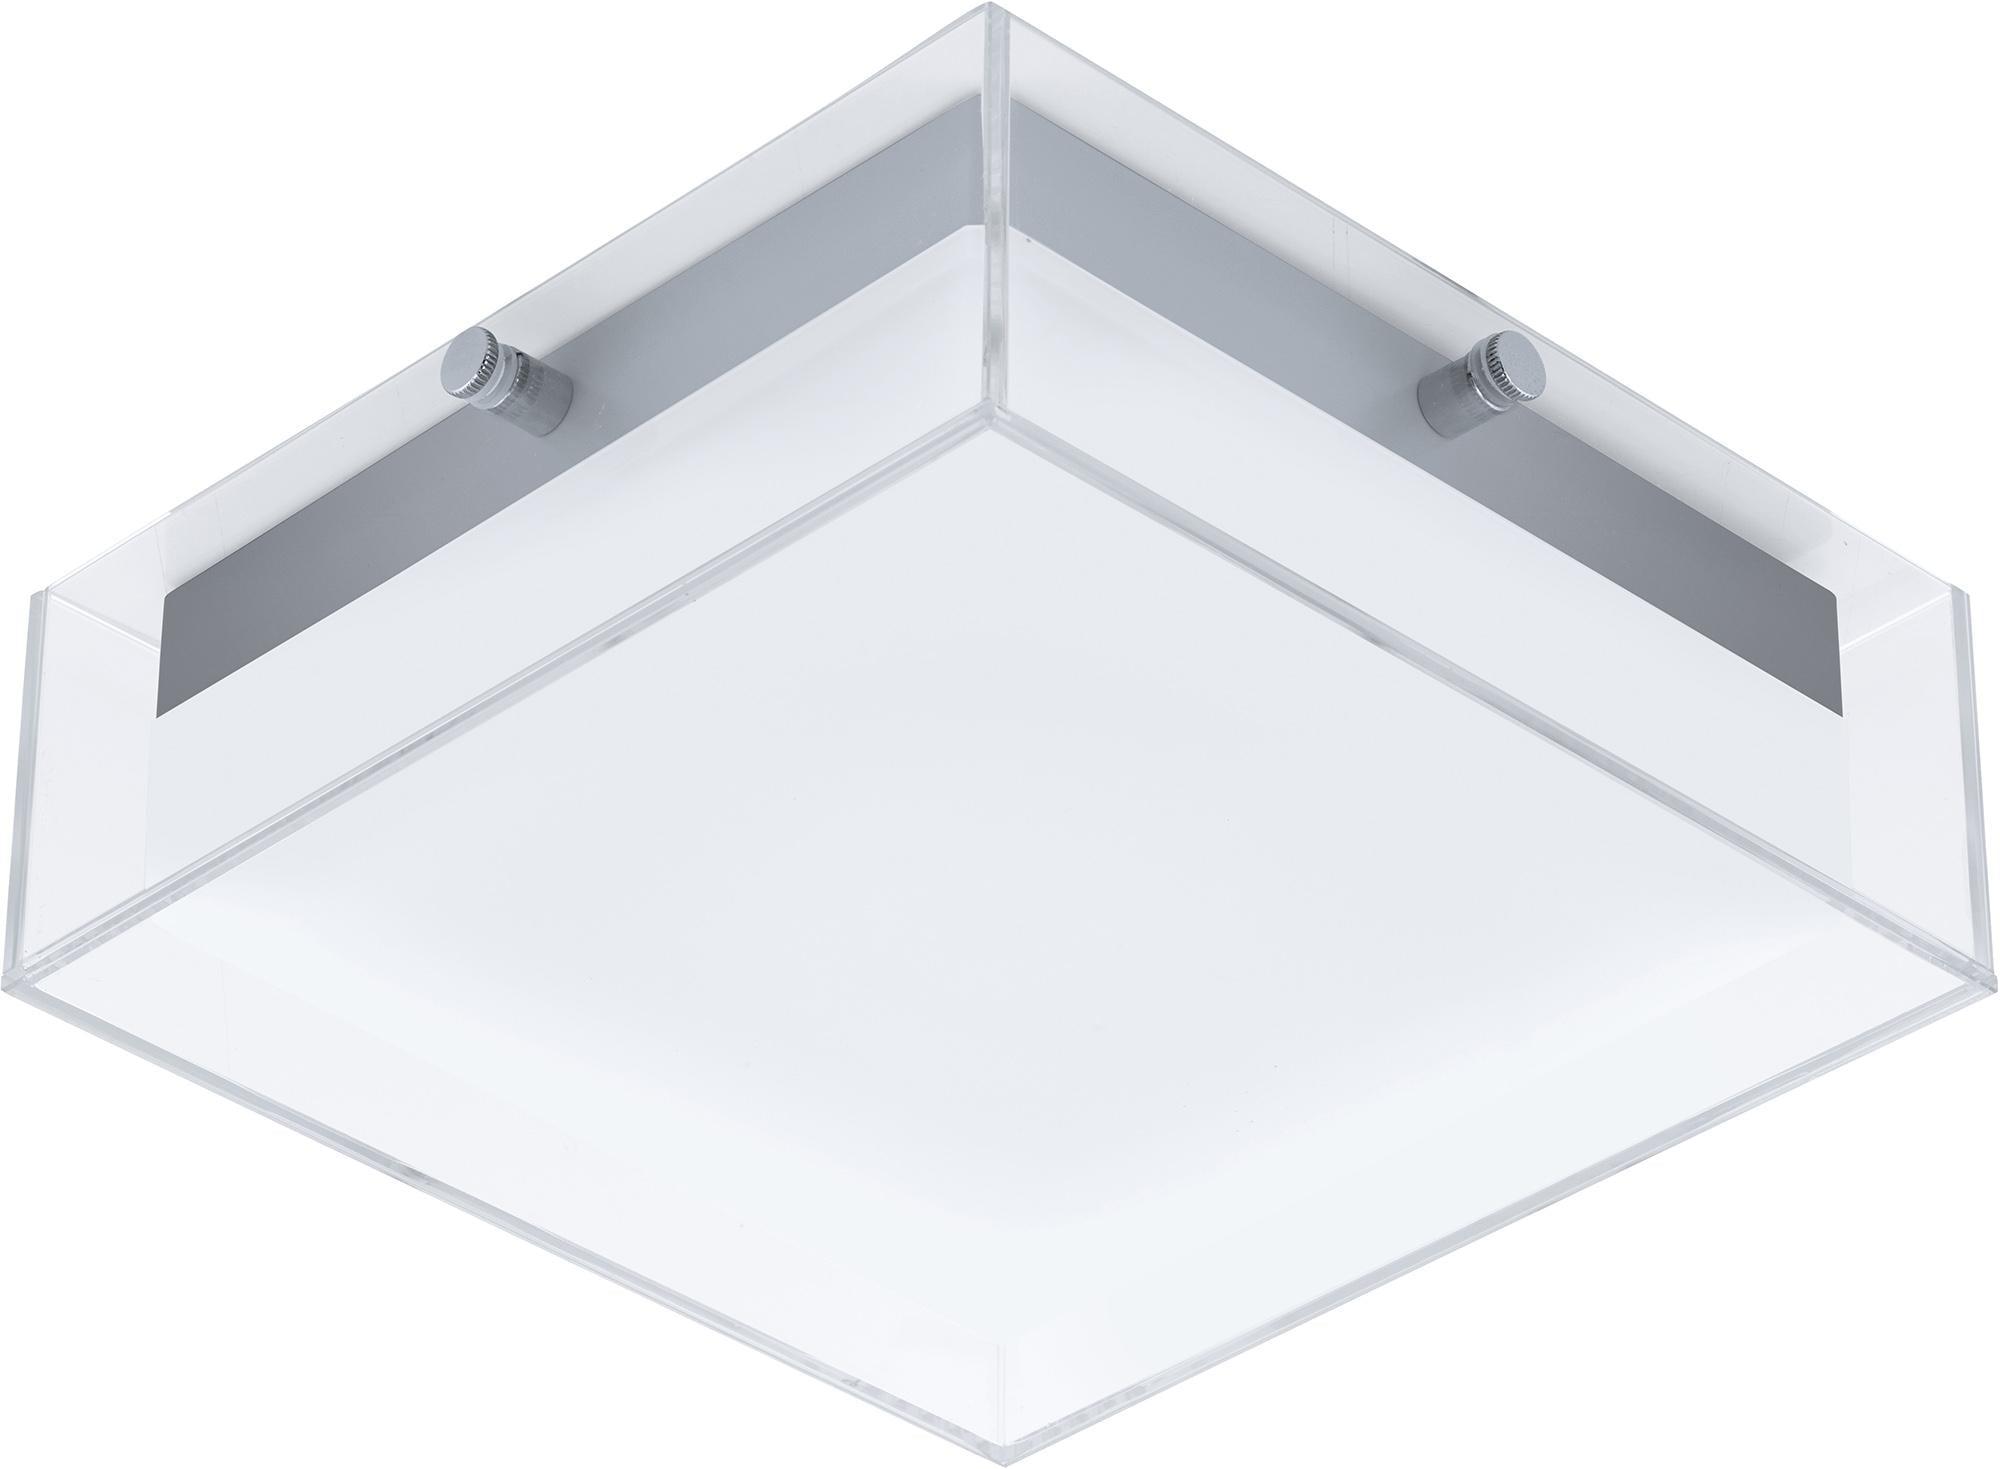 EGLO LED Außen-Deckenleuchte INFESTO, LED-Board, Warmweiß, LED tauschbar